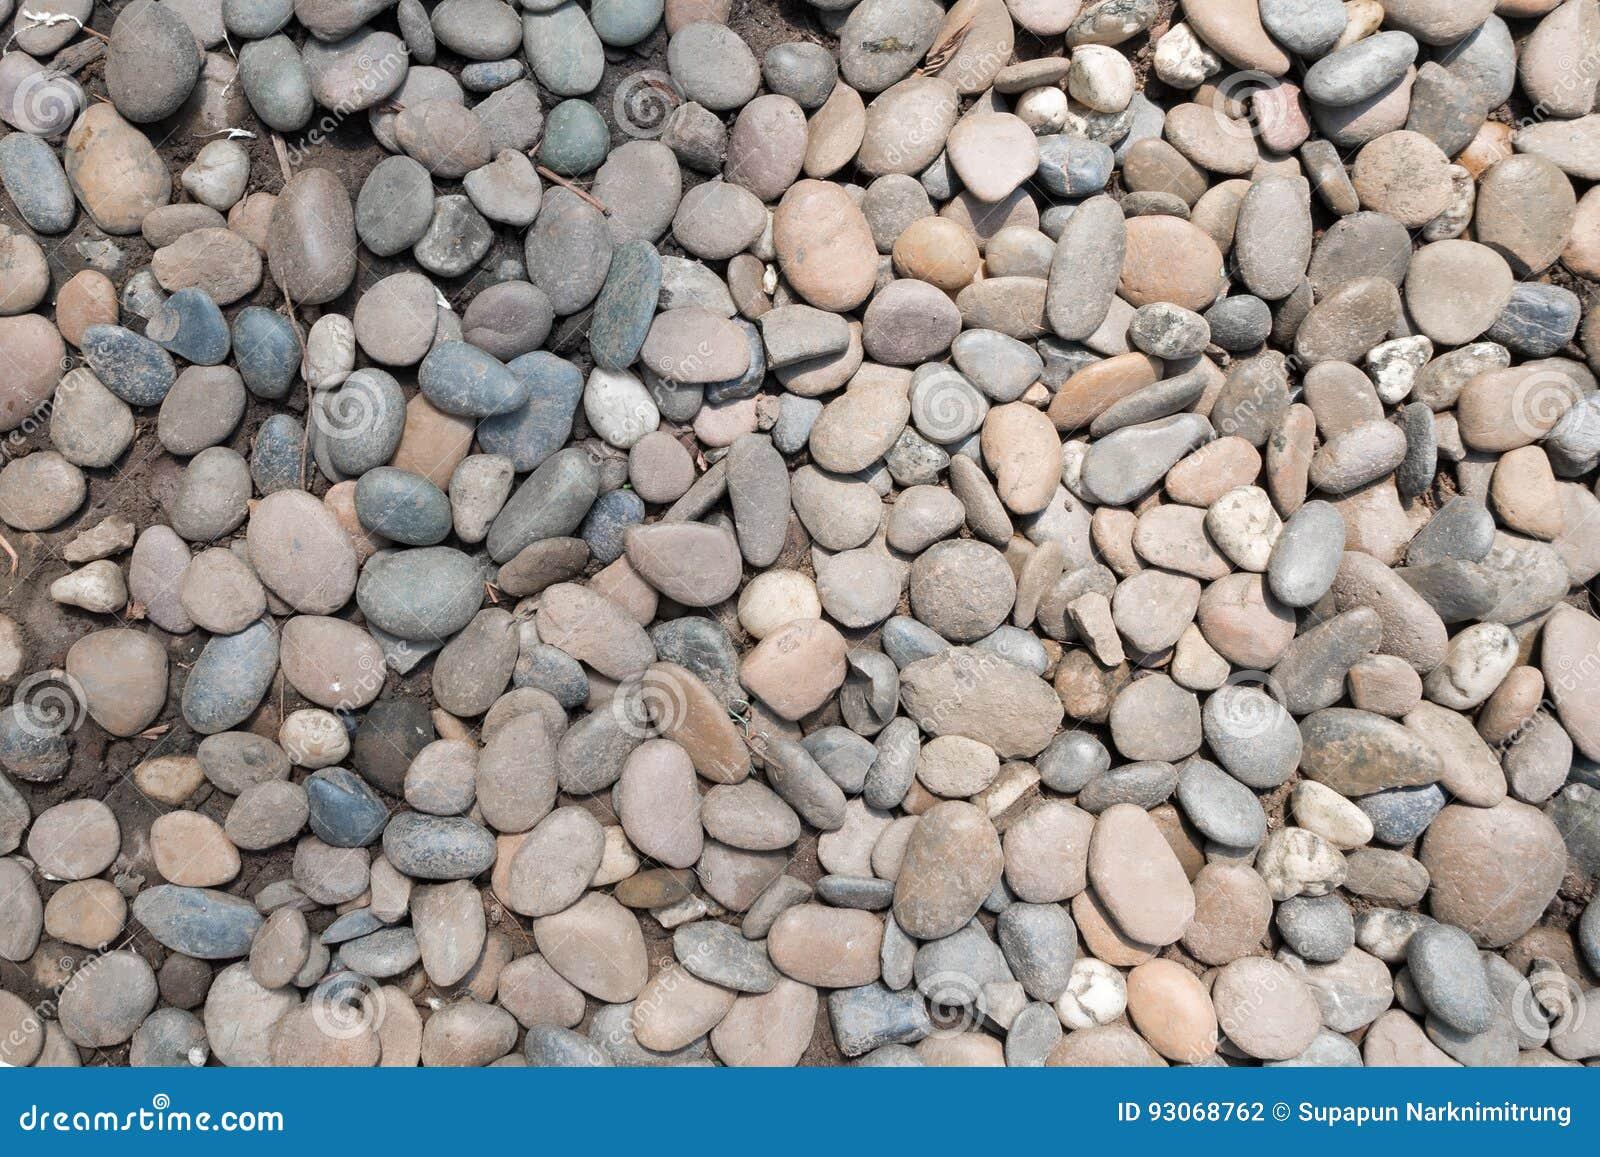 Διακοσμητικό υπόβαθρο χαλικιών πετρών στρογγυλός κήπος σύστασης αμμοχάλικου